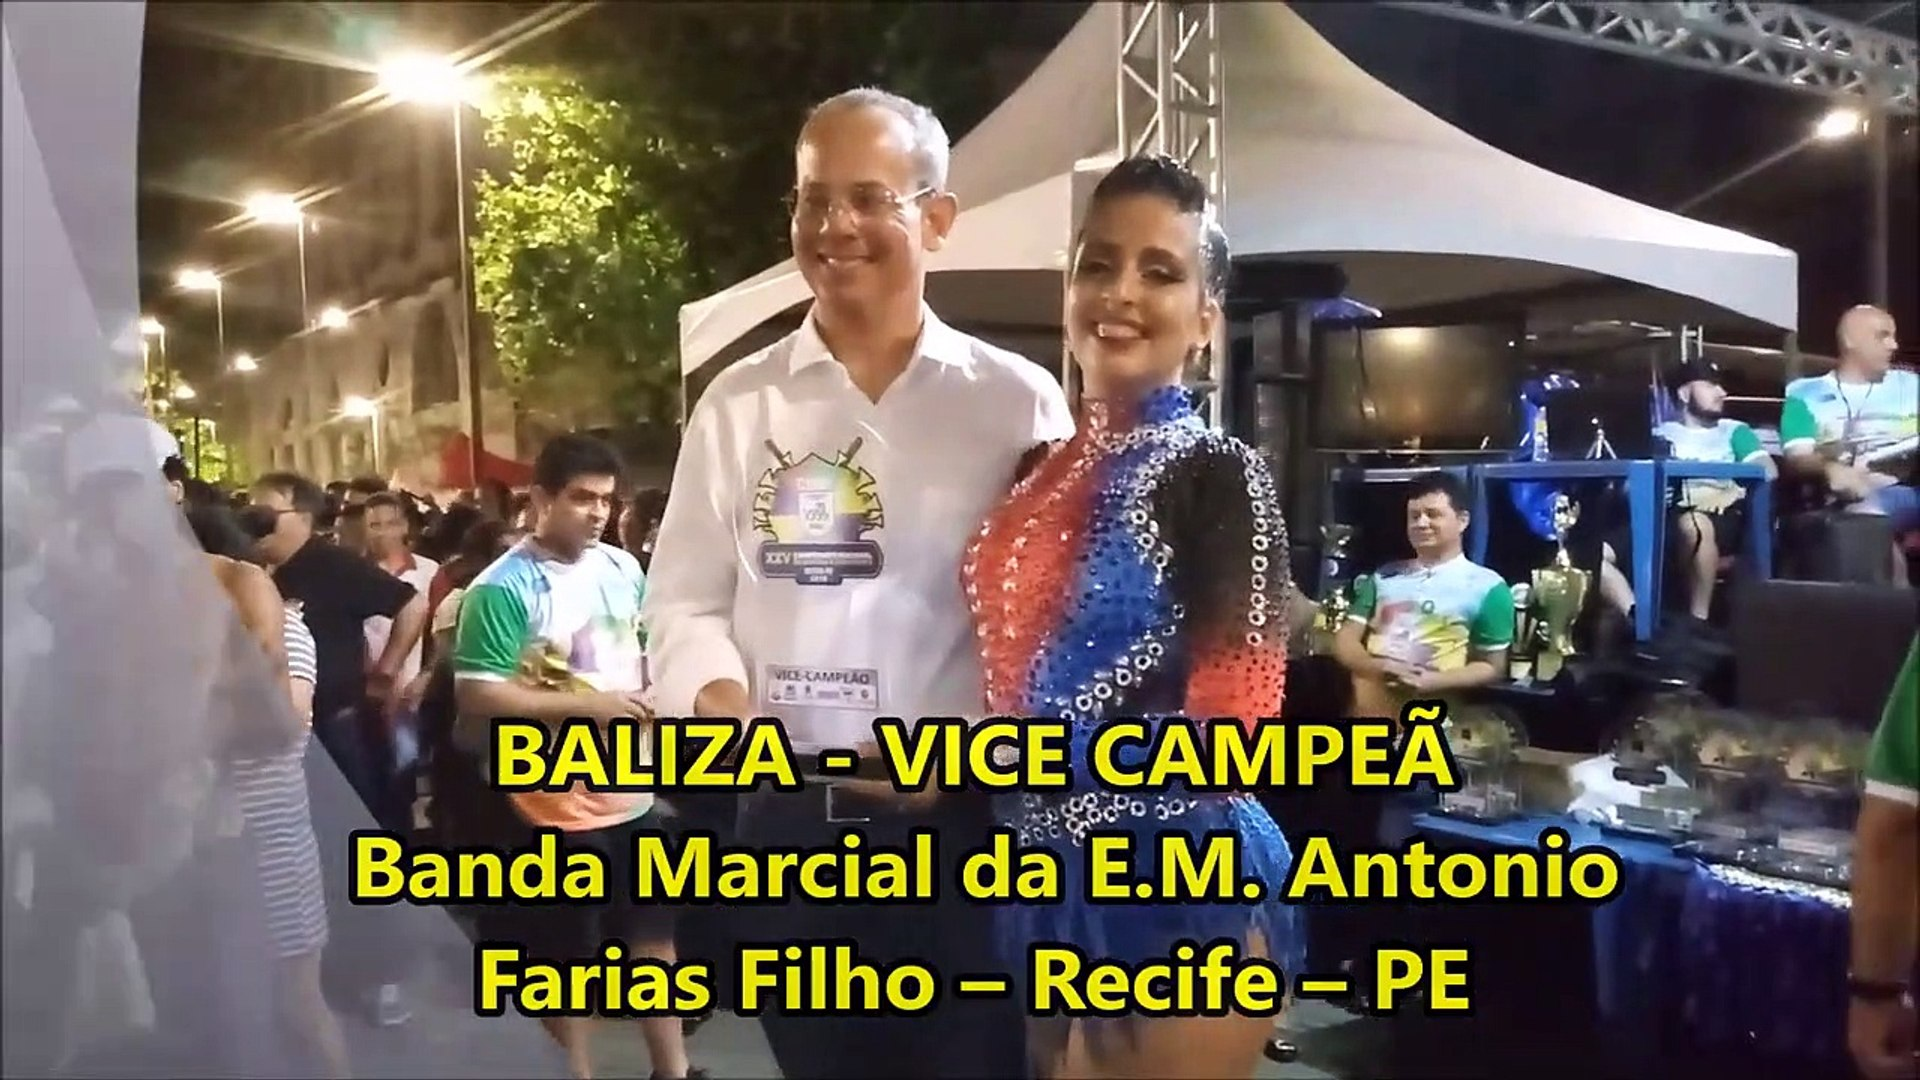 CNBF - 2018 - RESULTADO BANDA MARCIAL SÊNIOR - XXV CAMPEONATO NACIONAL DE BANDAS E FANFARRAS